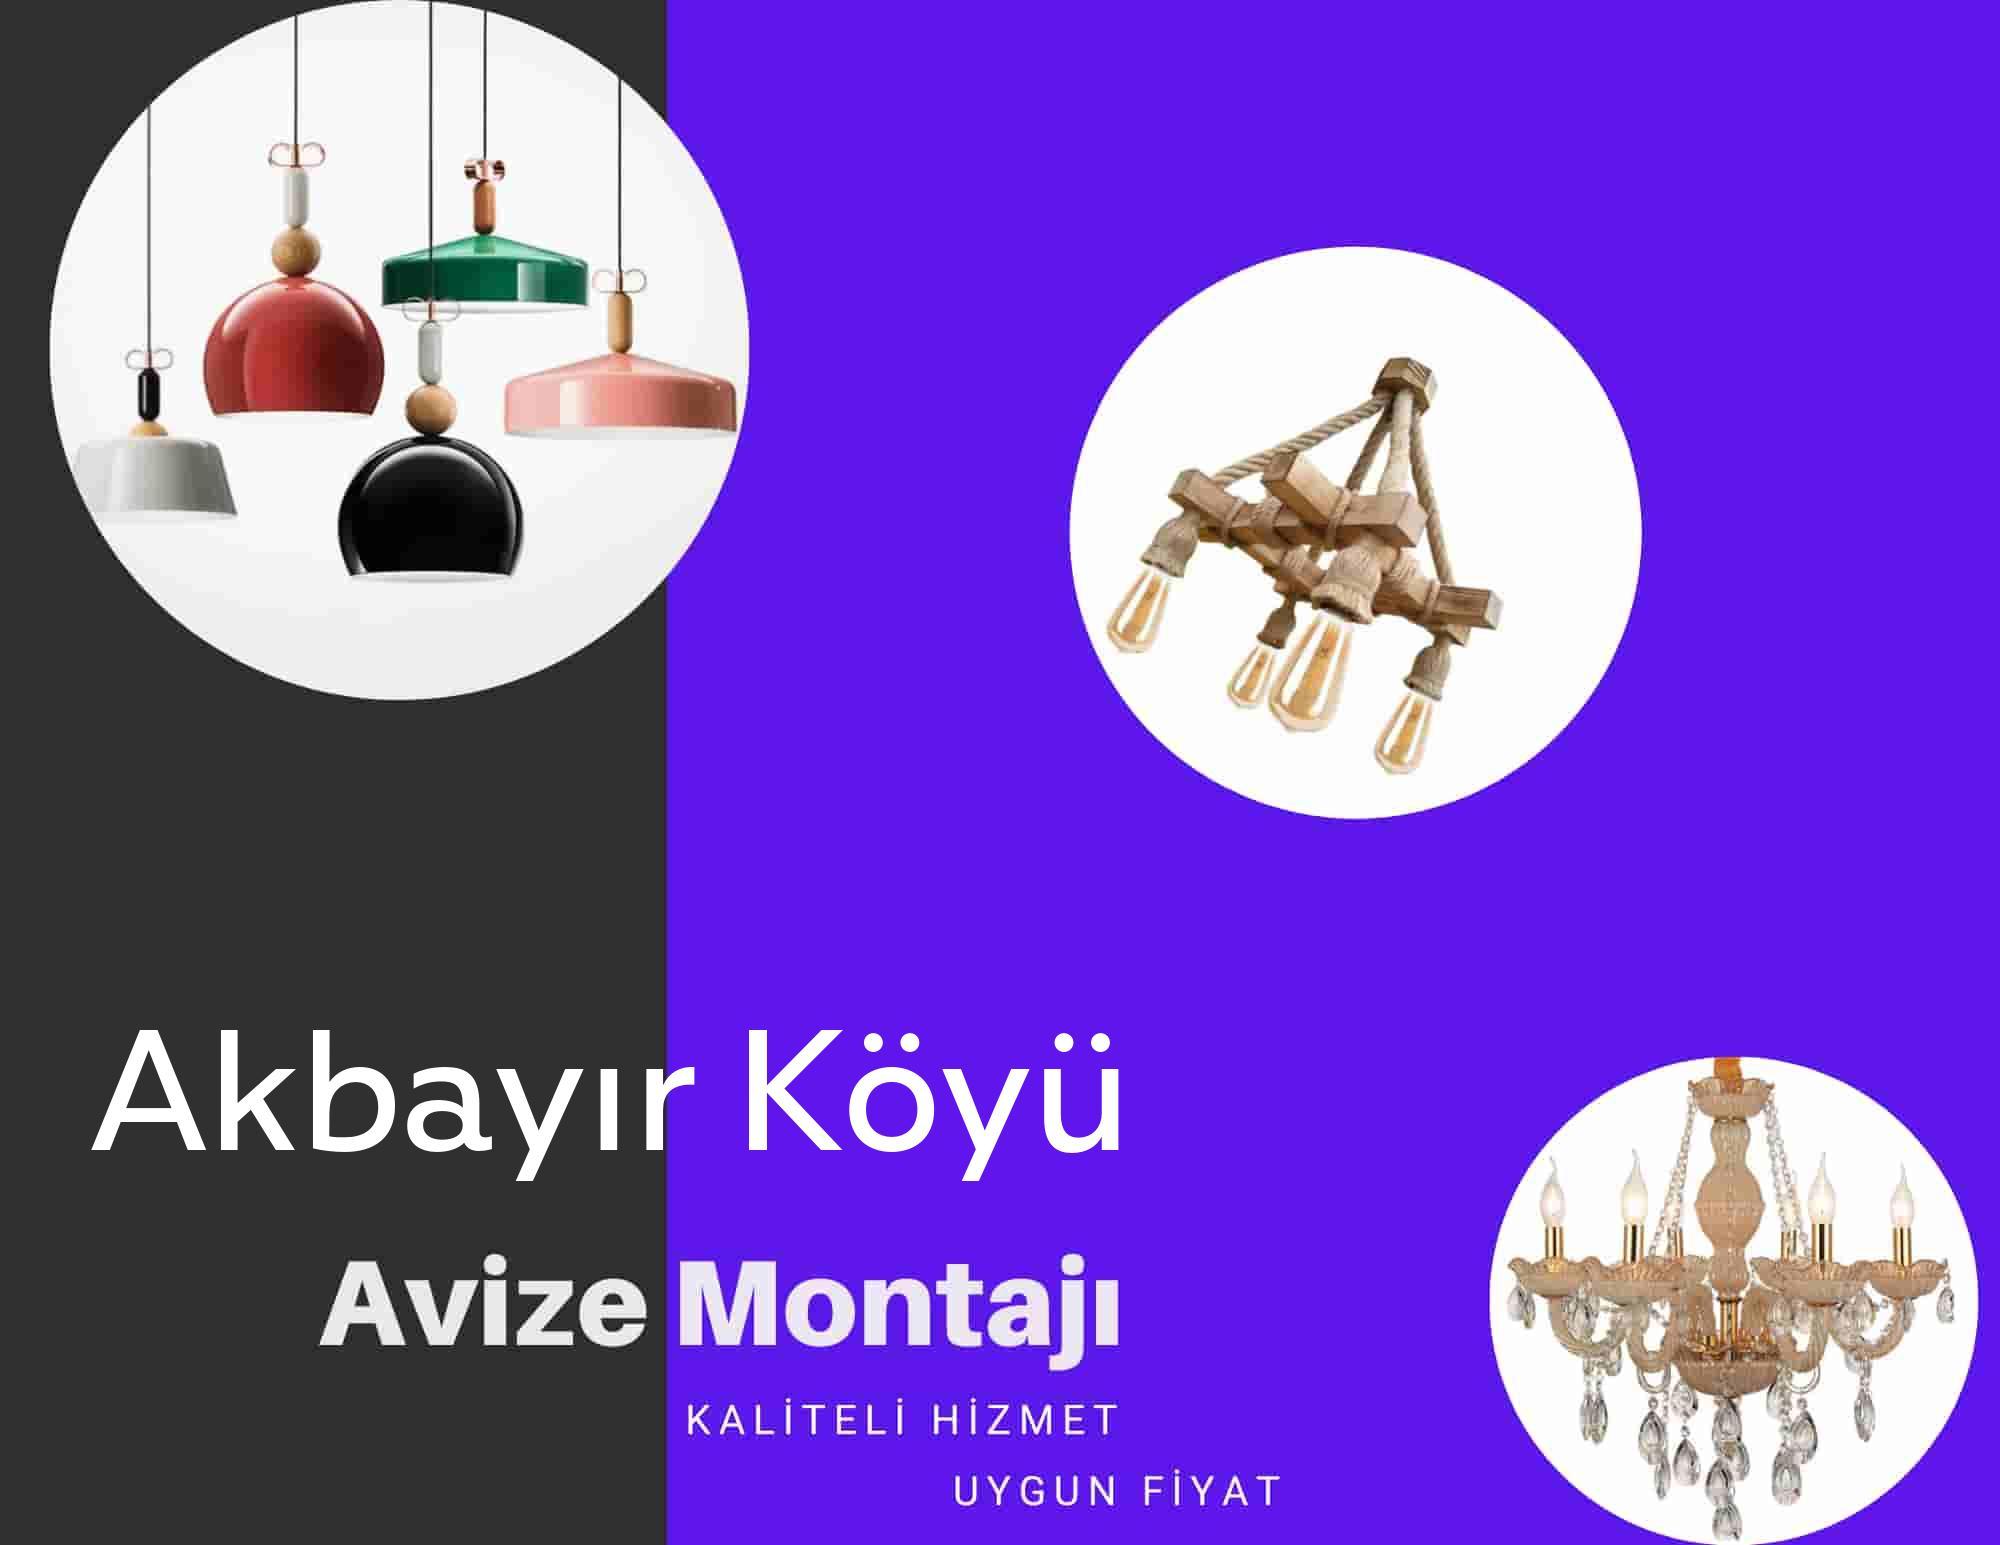 Akbayır Köyüde avize montajı yapan yerler arıyorsanız elektrikcicagir anında size profesyonel avize montajı ustasını yönlendirir.